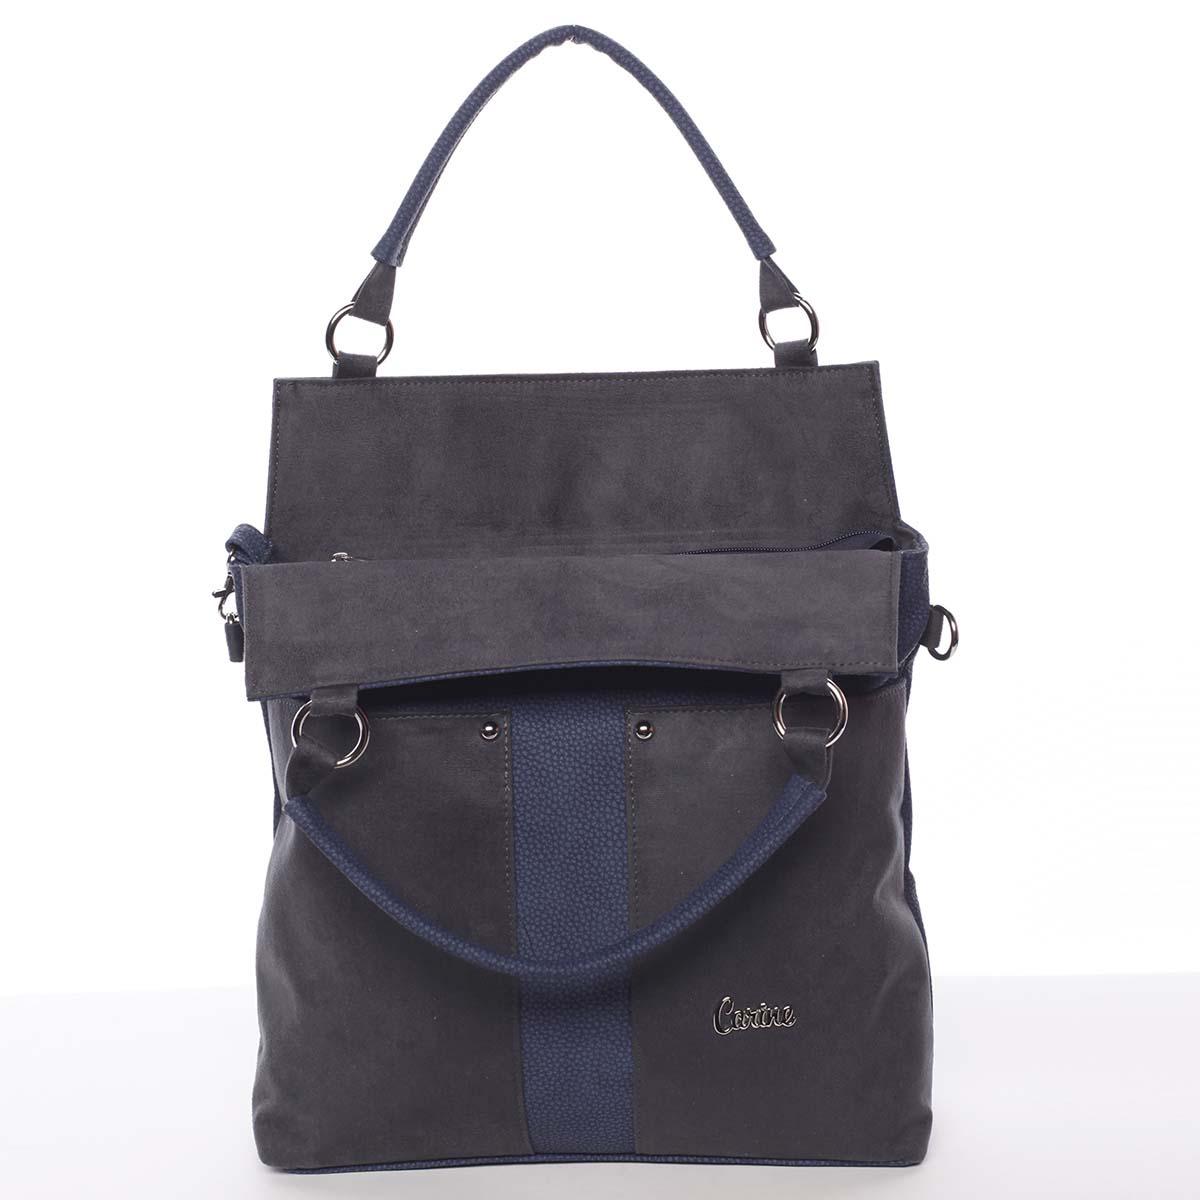 Jedinečná měkká tmavě modrá kabelka - Carine Aletha